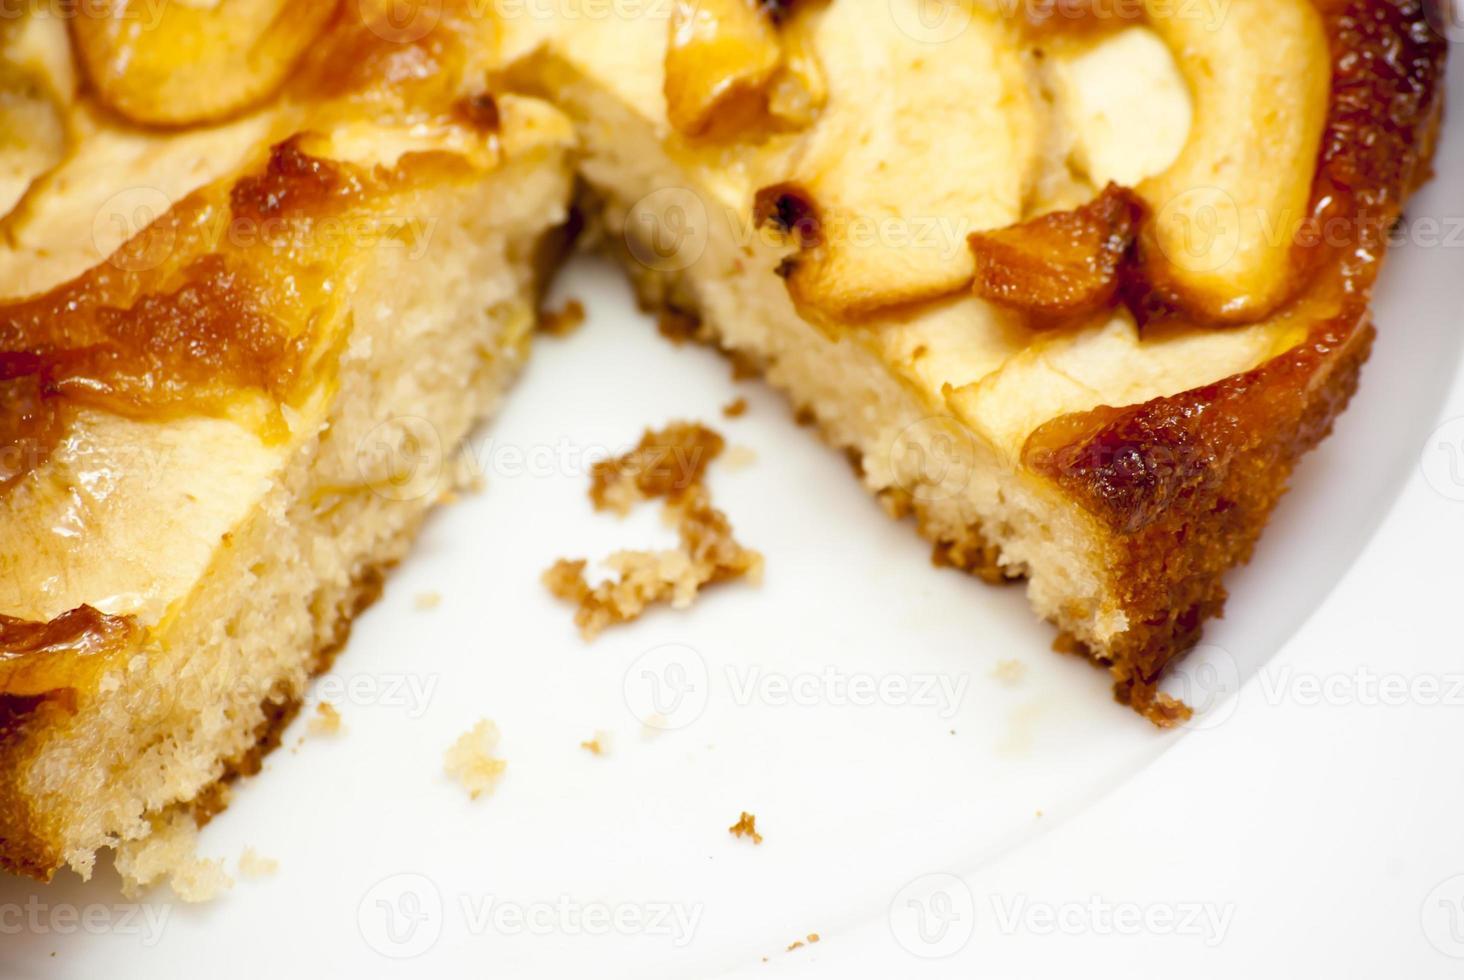 torta de maçã em um prato branco foto